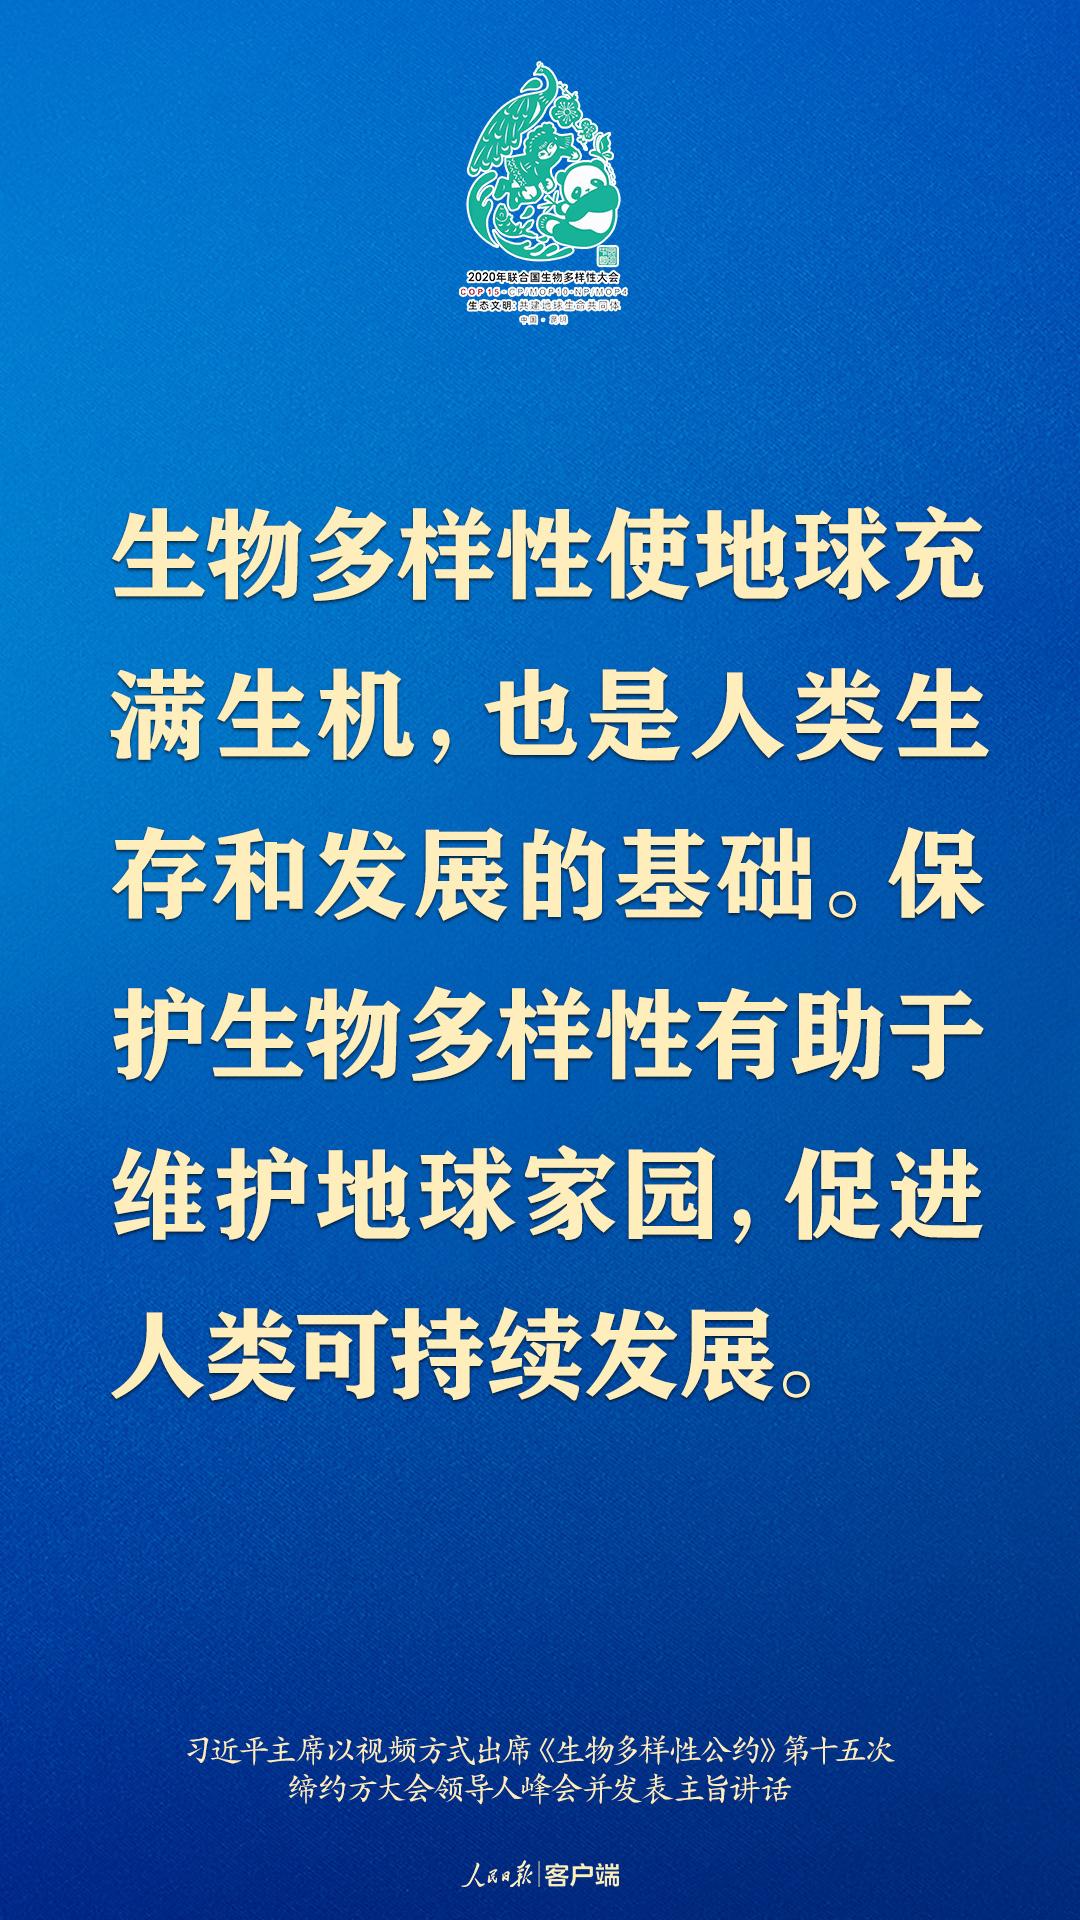 """共同构建地球生命共同体,习近平提出""""中国方案"""""""